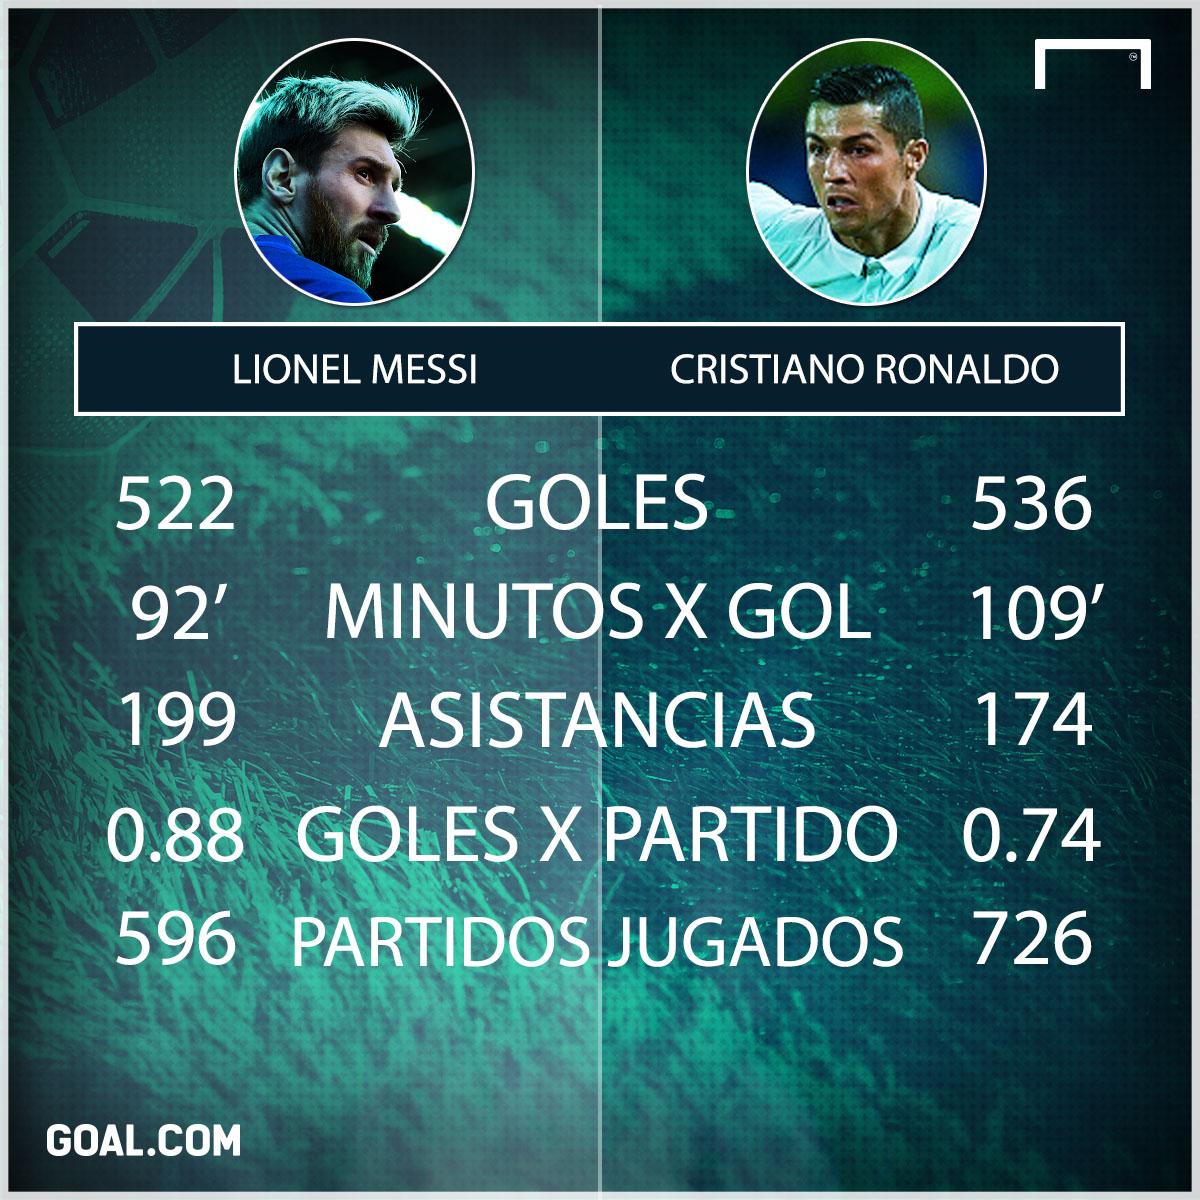 CR7 vs. Messi 4